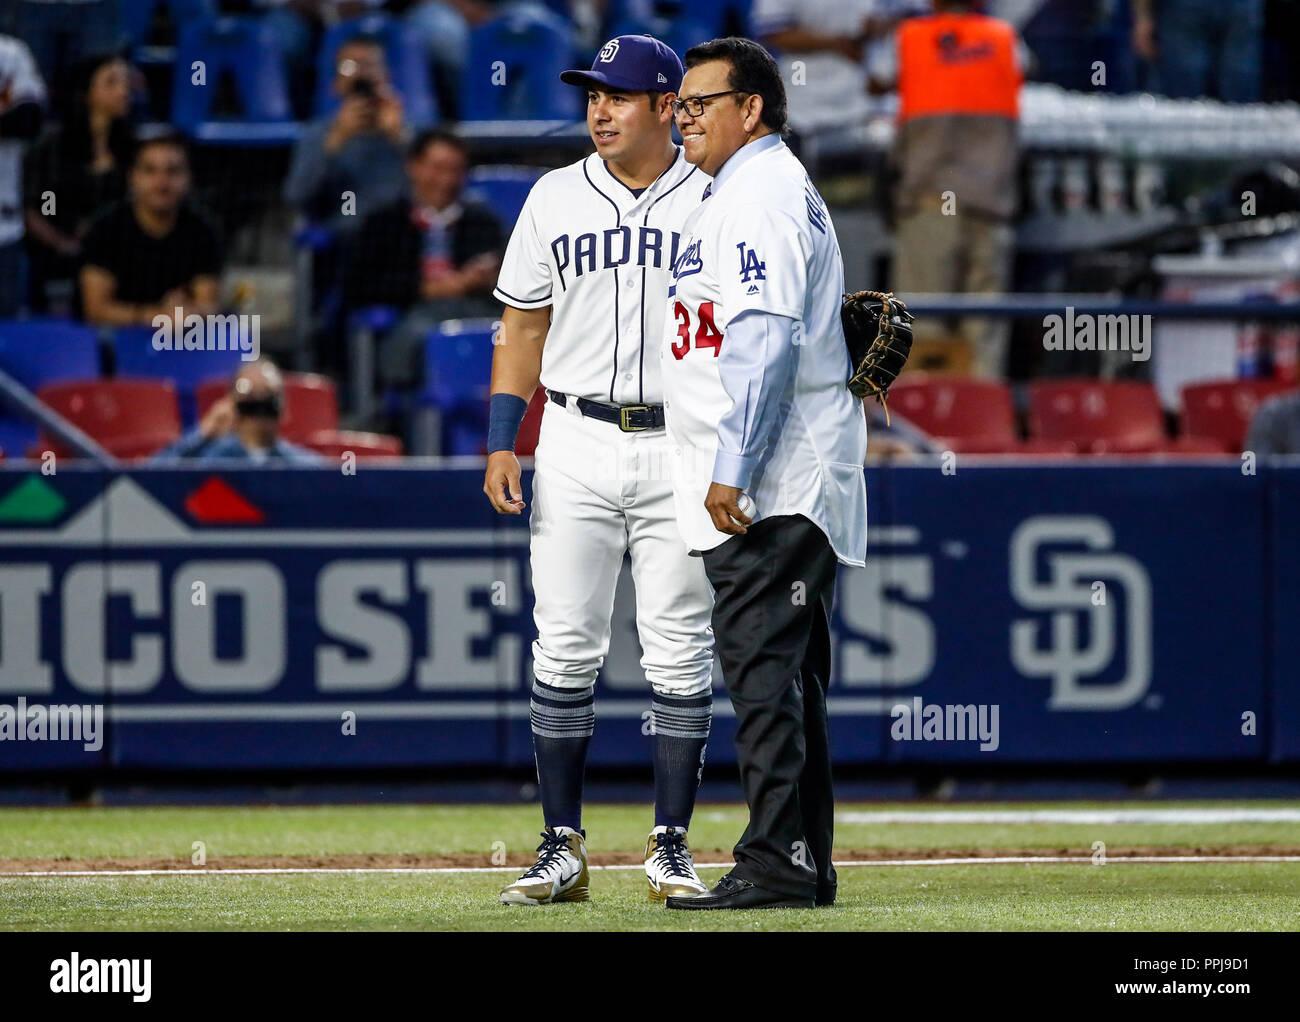 Fernando Valenzuela acompañado de Christian Villanueva,  lanza la primera bola para el playball del partido de beisbol de los Dodgers de Los Angeles c - Stock Image